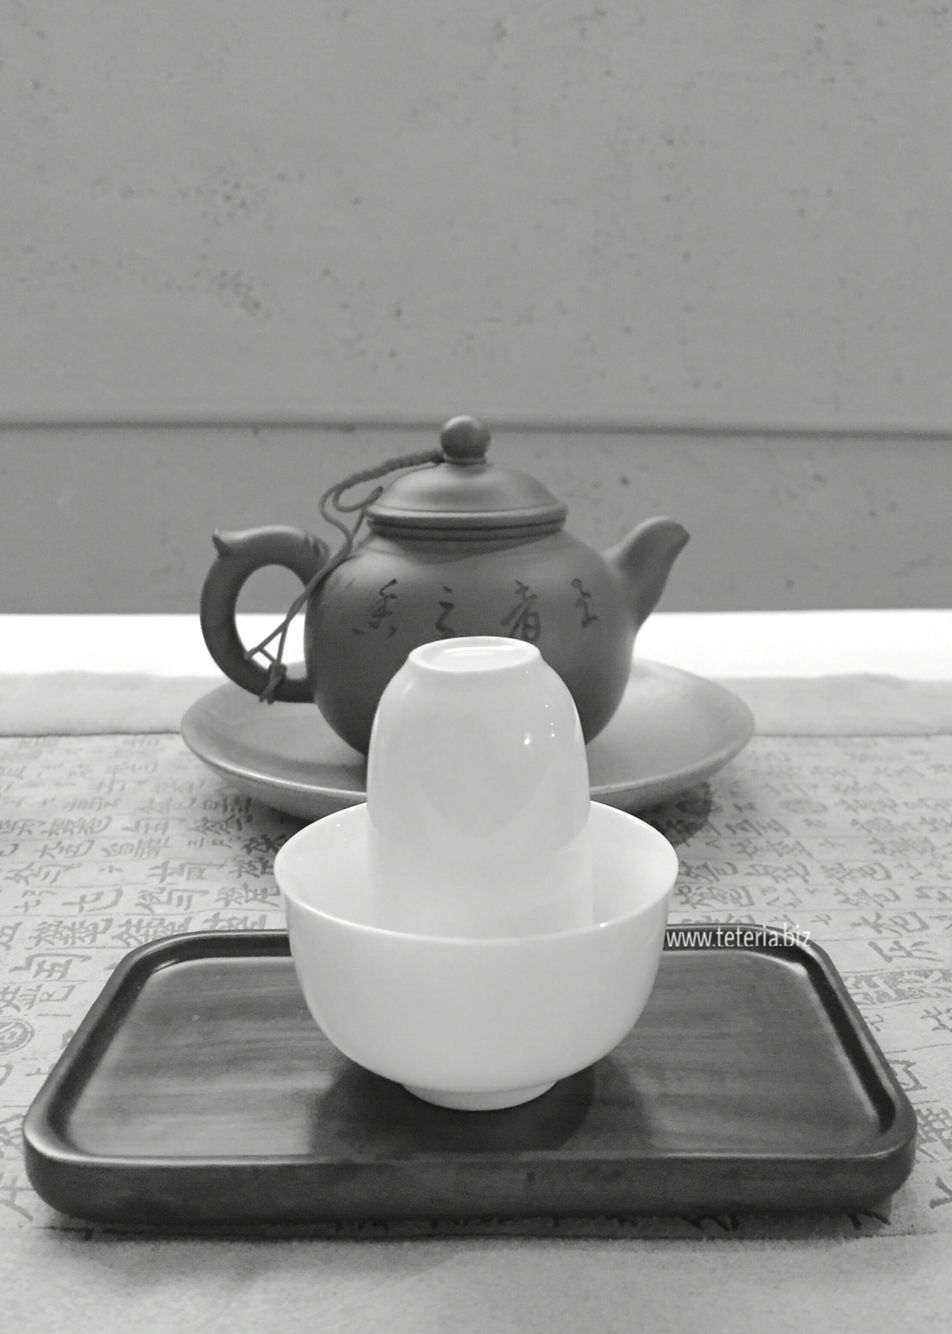 Ceremonia del té - sesion 23092015 Tea ceremony